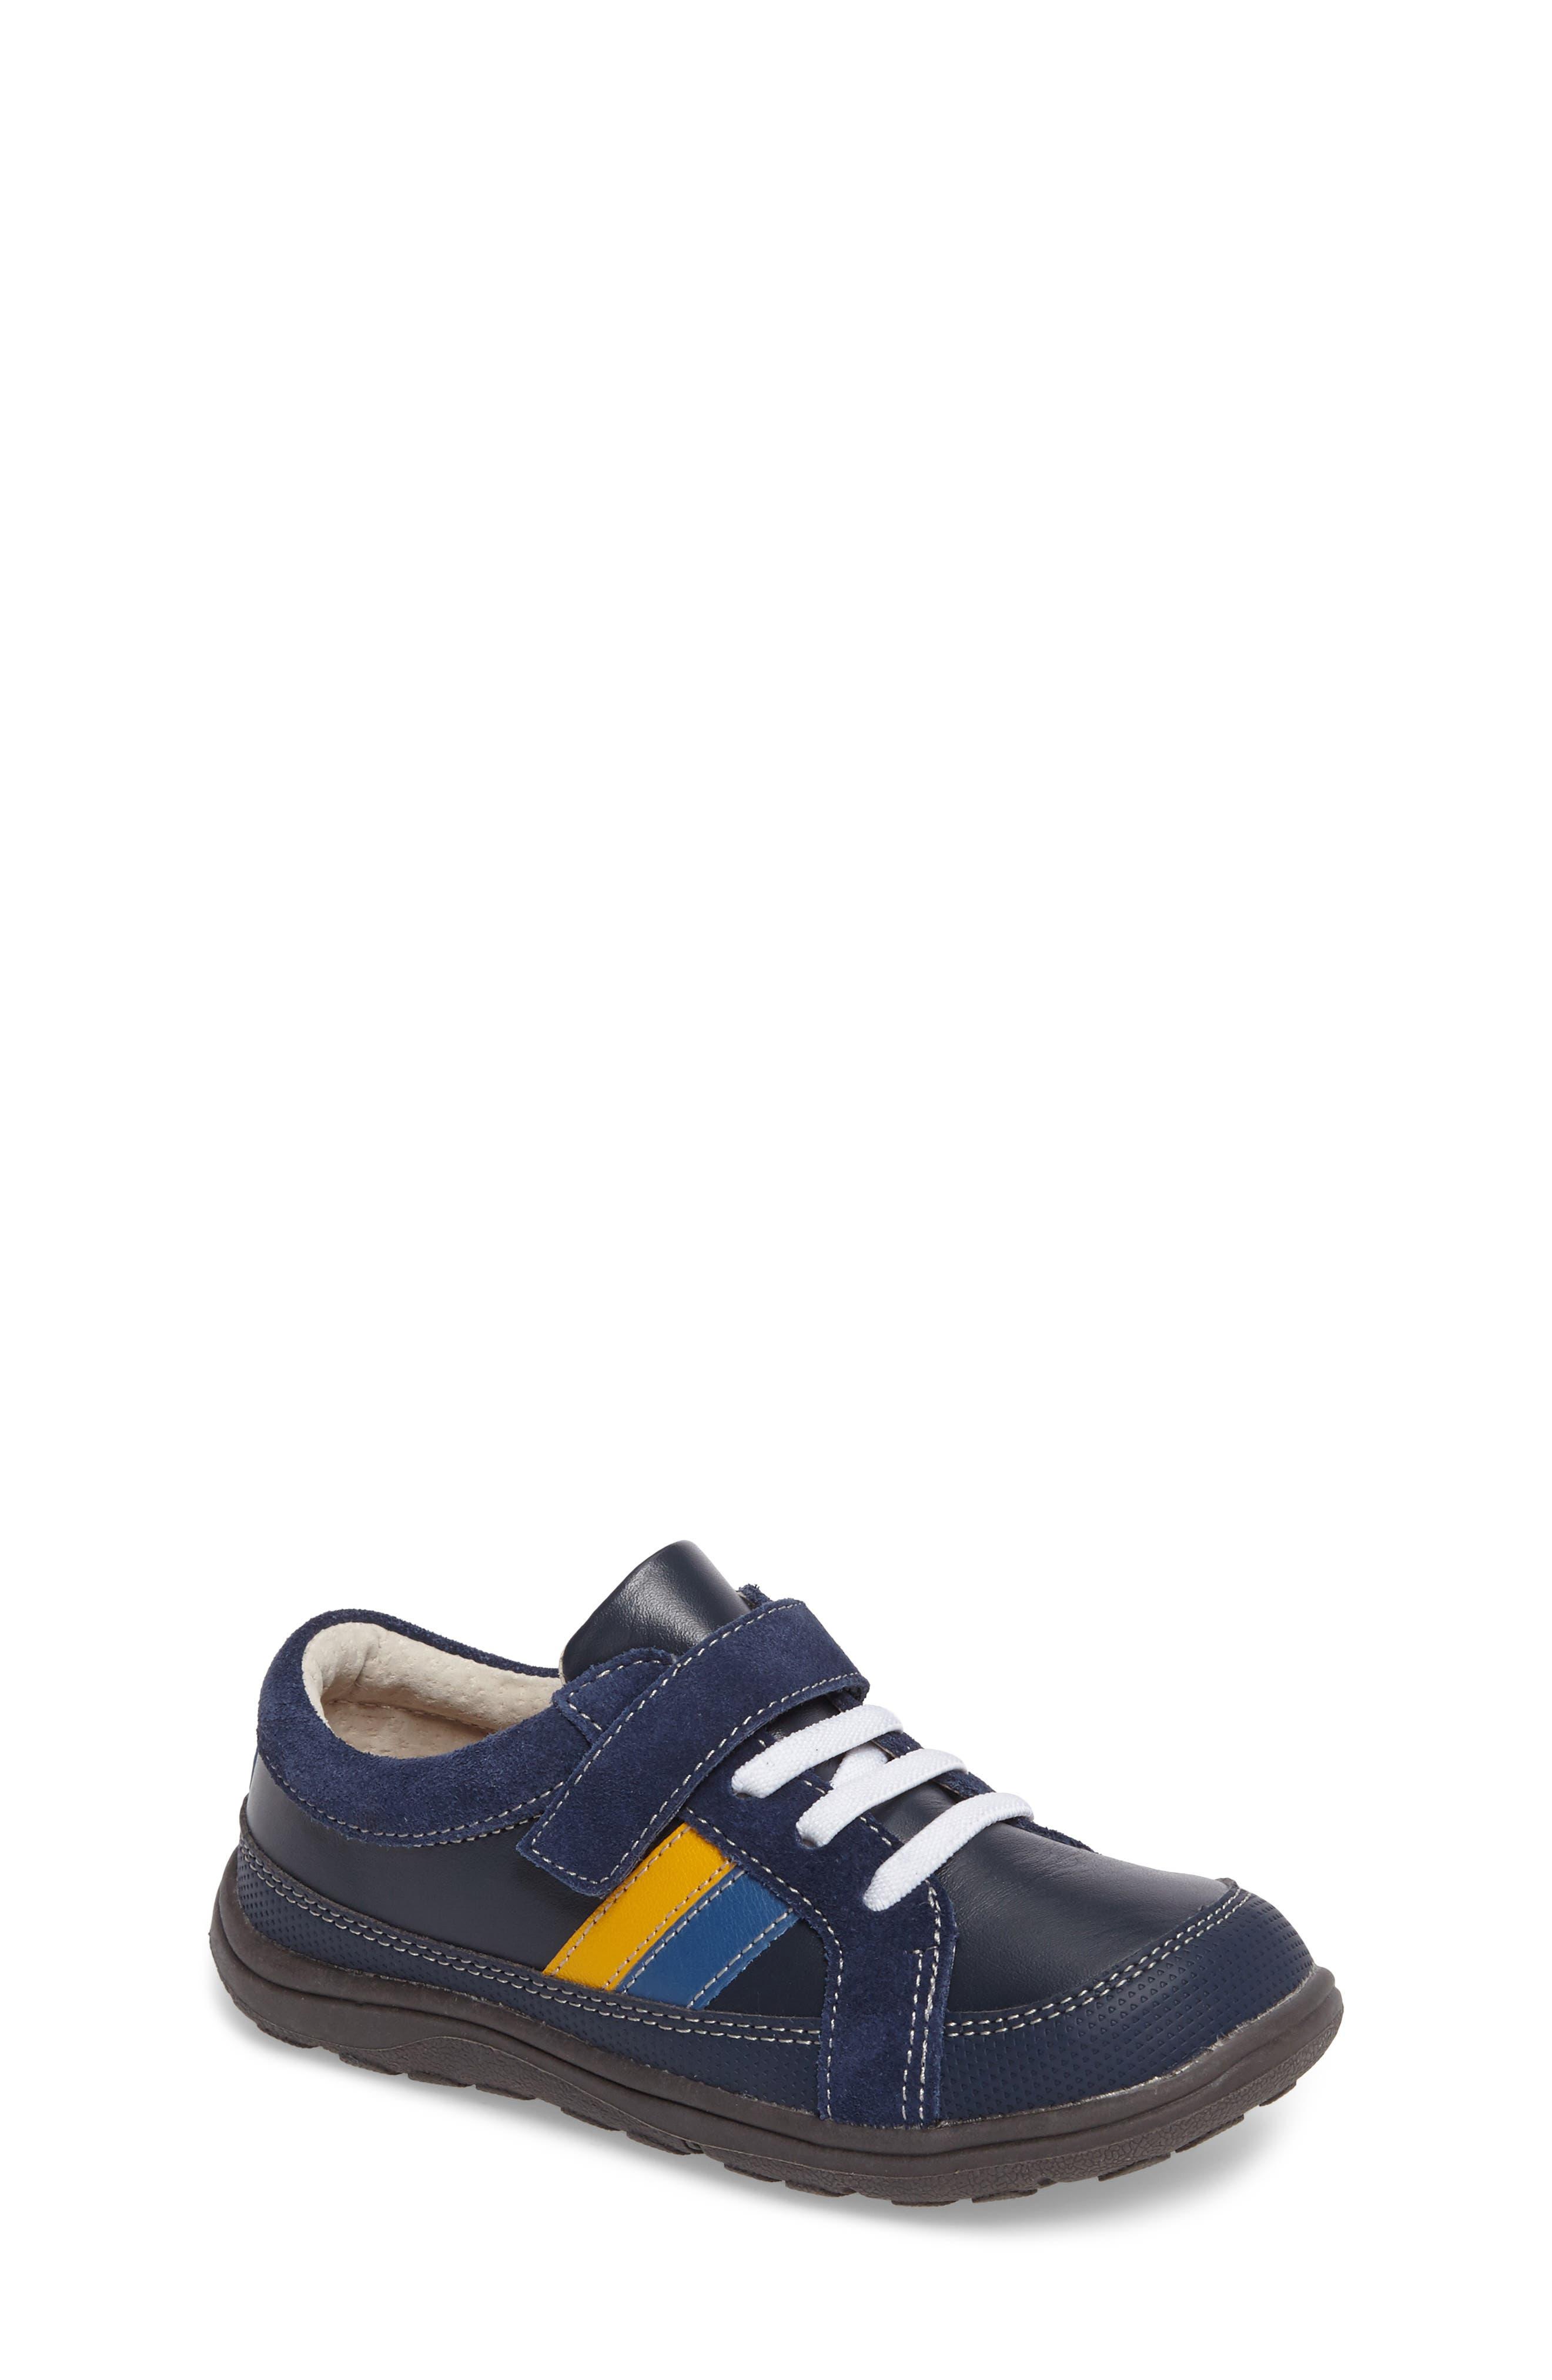 See Kai Run 'Randall' Sneaker (Toddler & Little Kid)